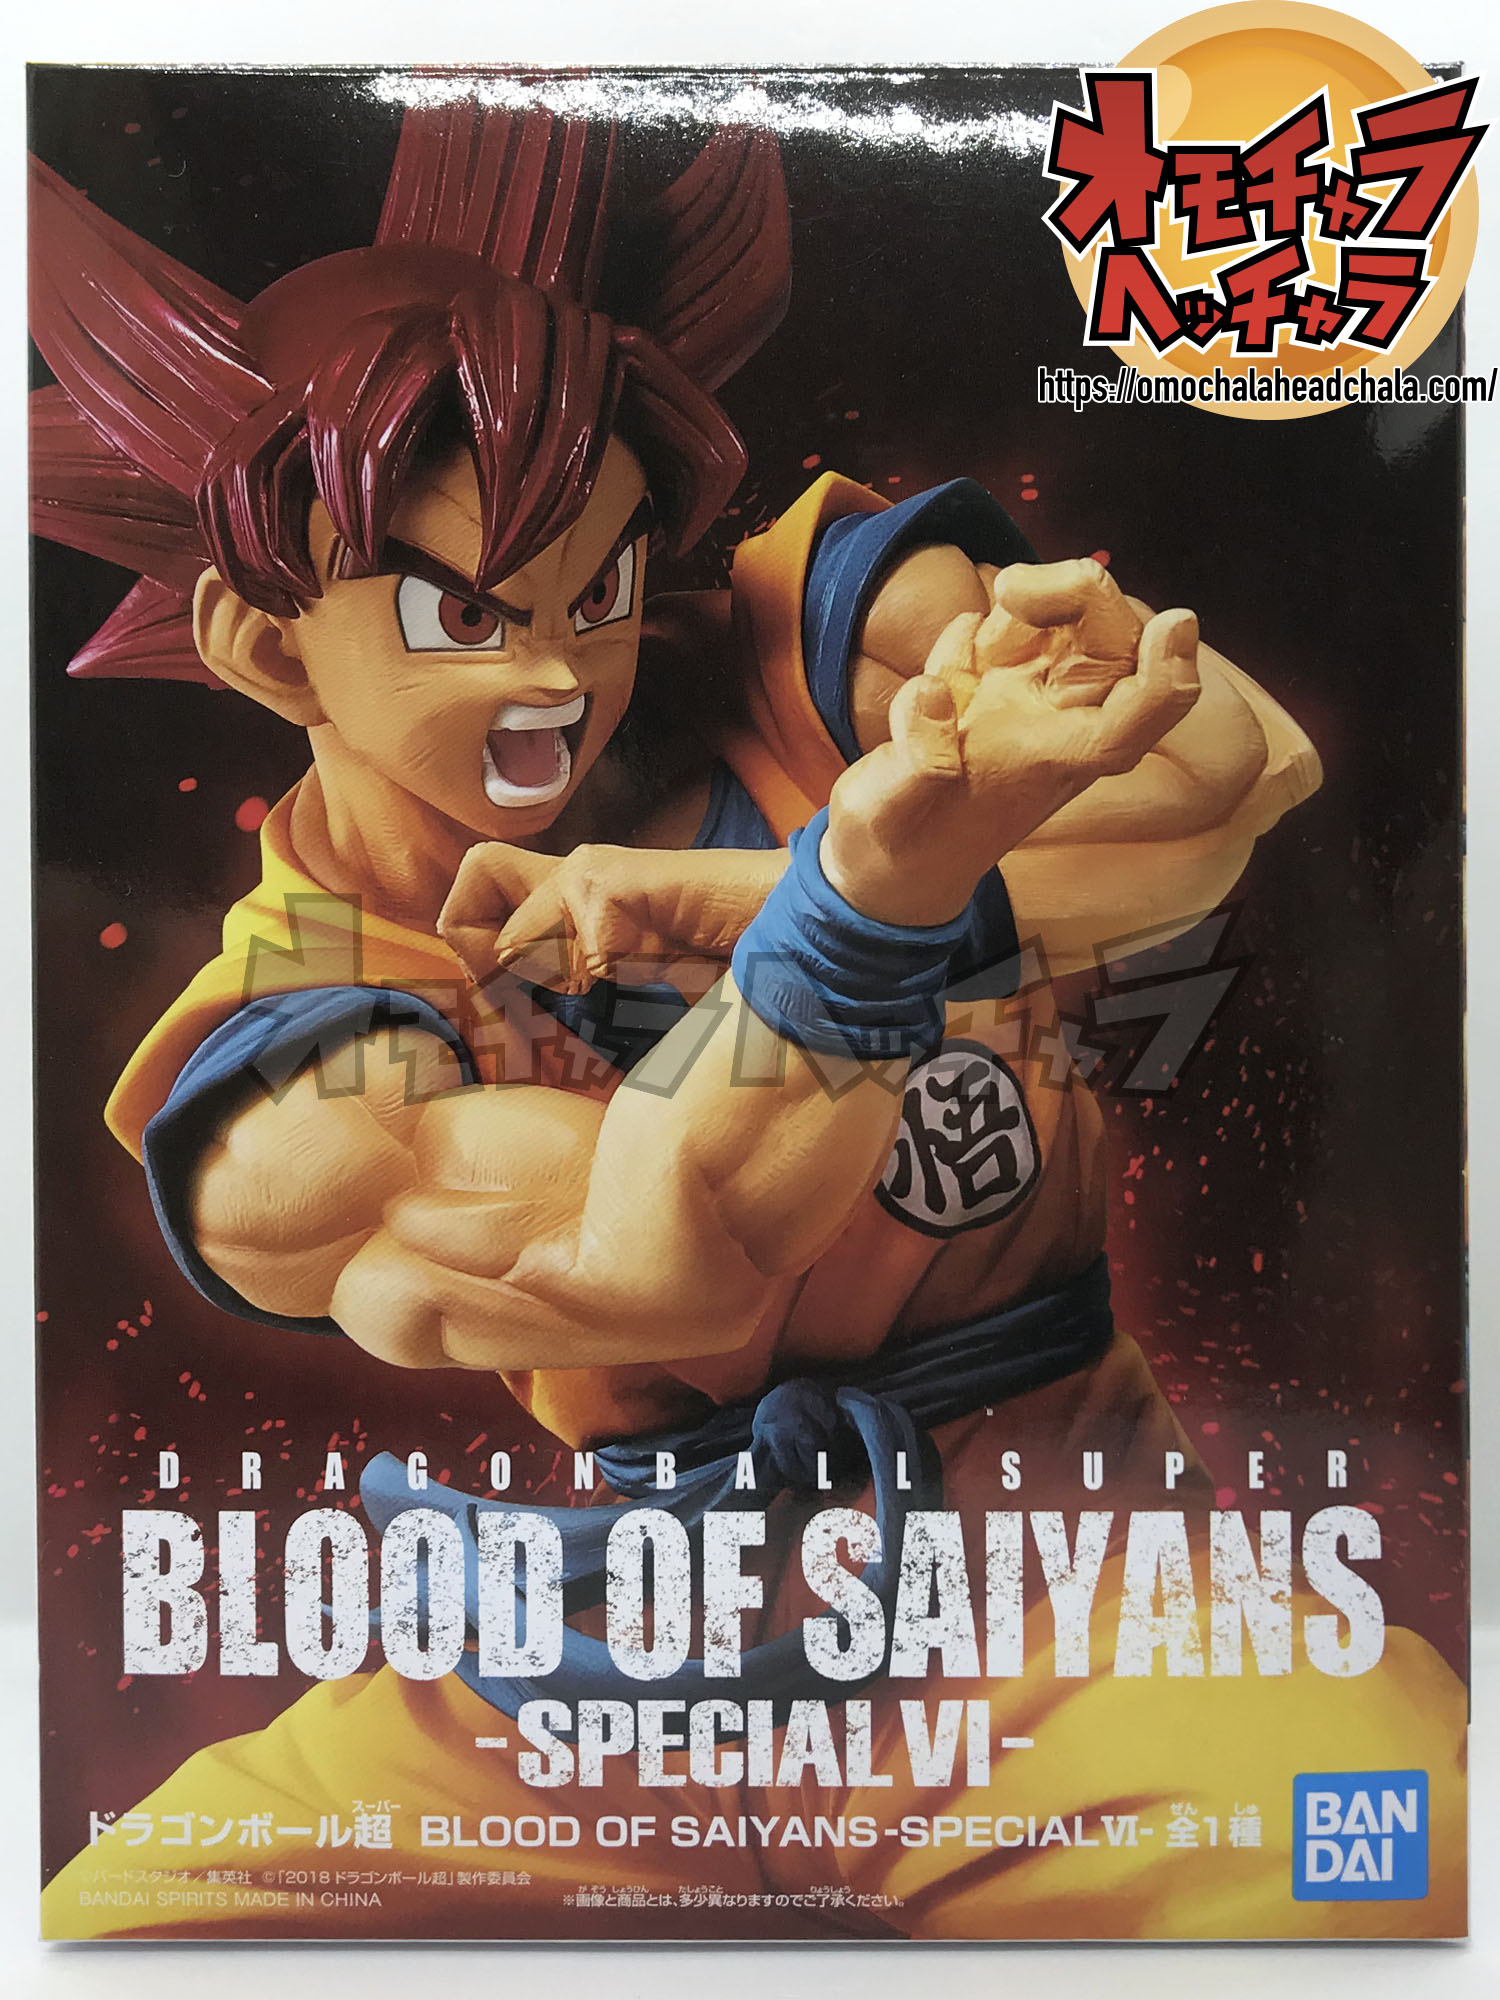 ドラゴンボールフィギュアレビューサイトのBLOOD OF SAIYANS-SPECIALⅥ-超サイヤ人ゴッド孫悟空